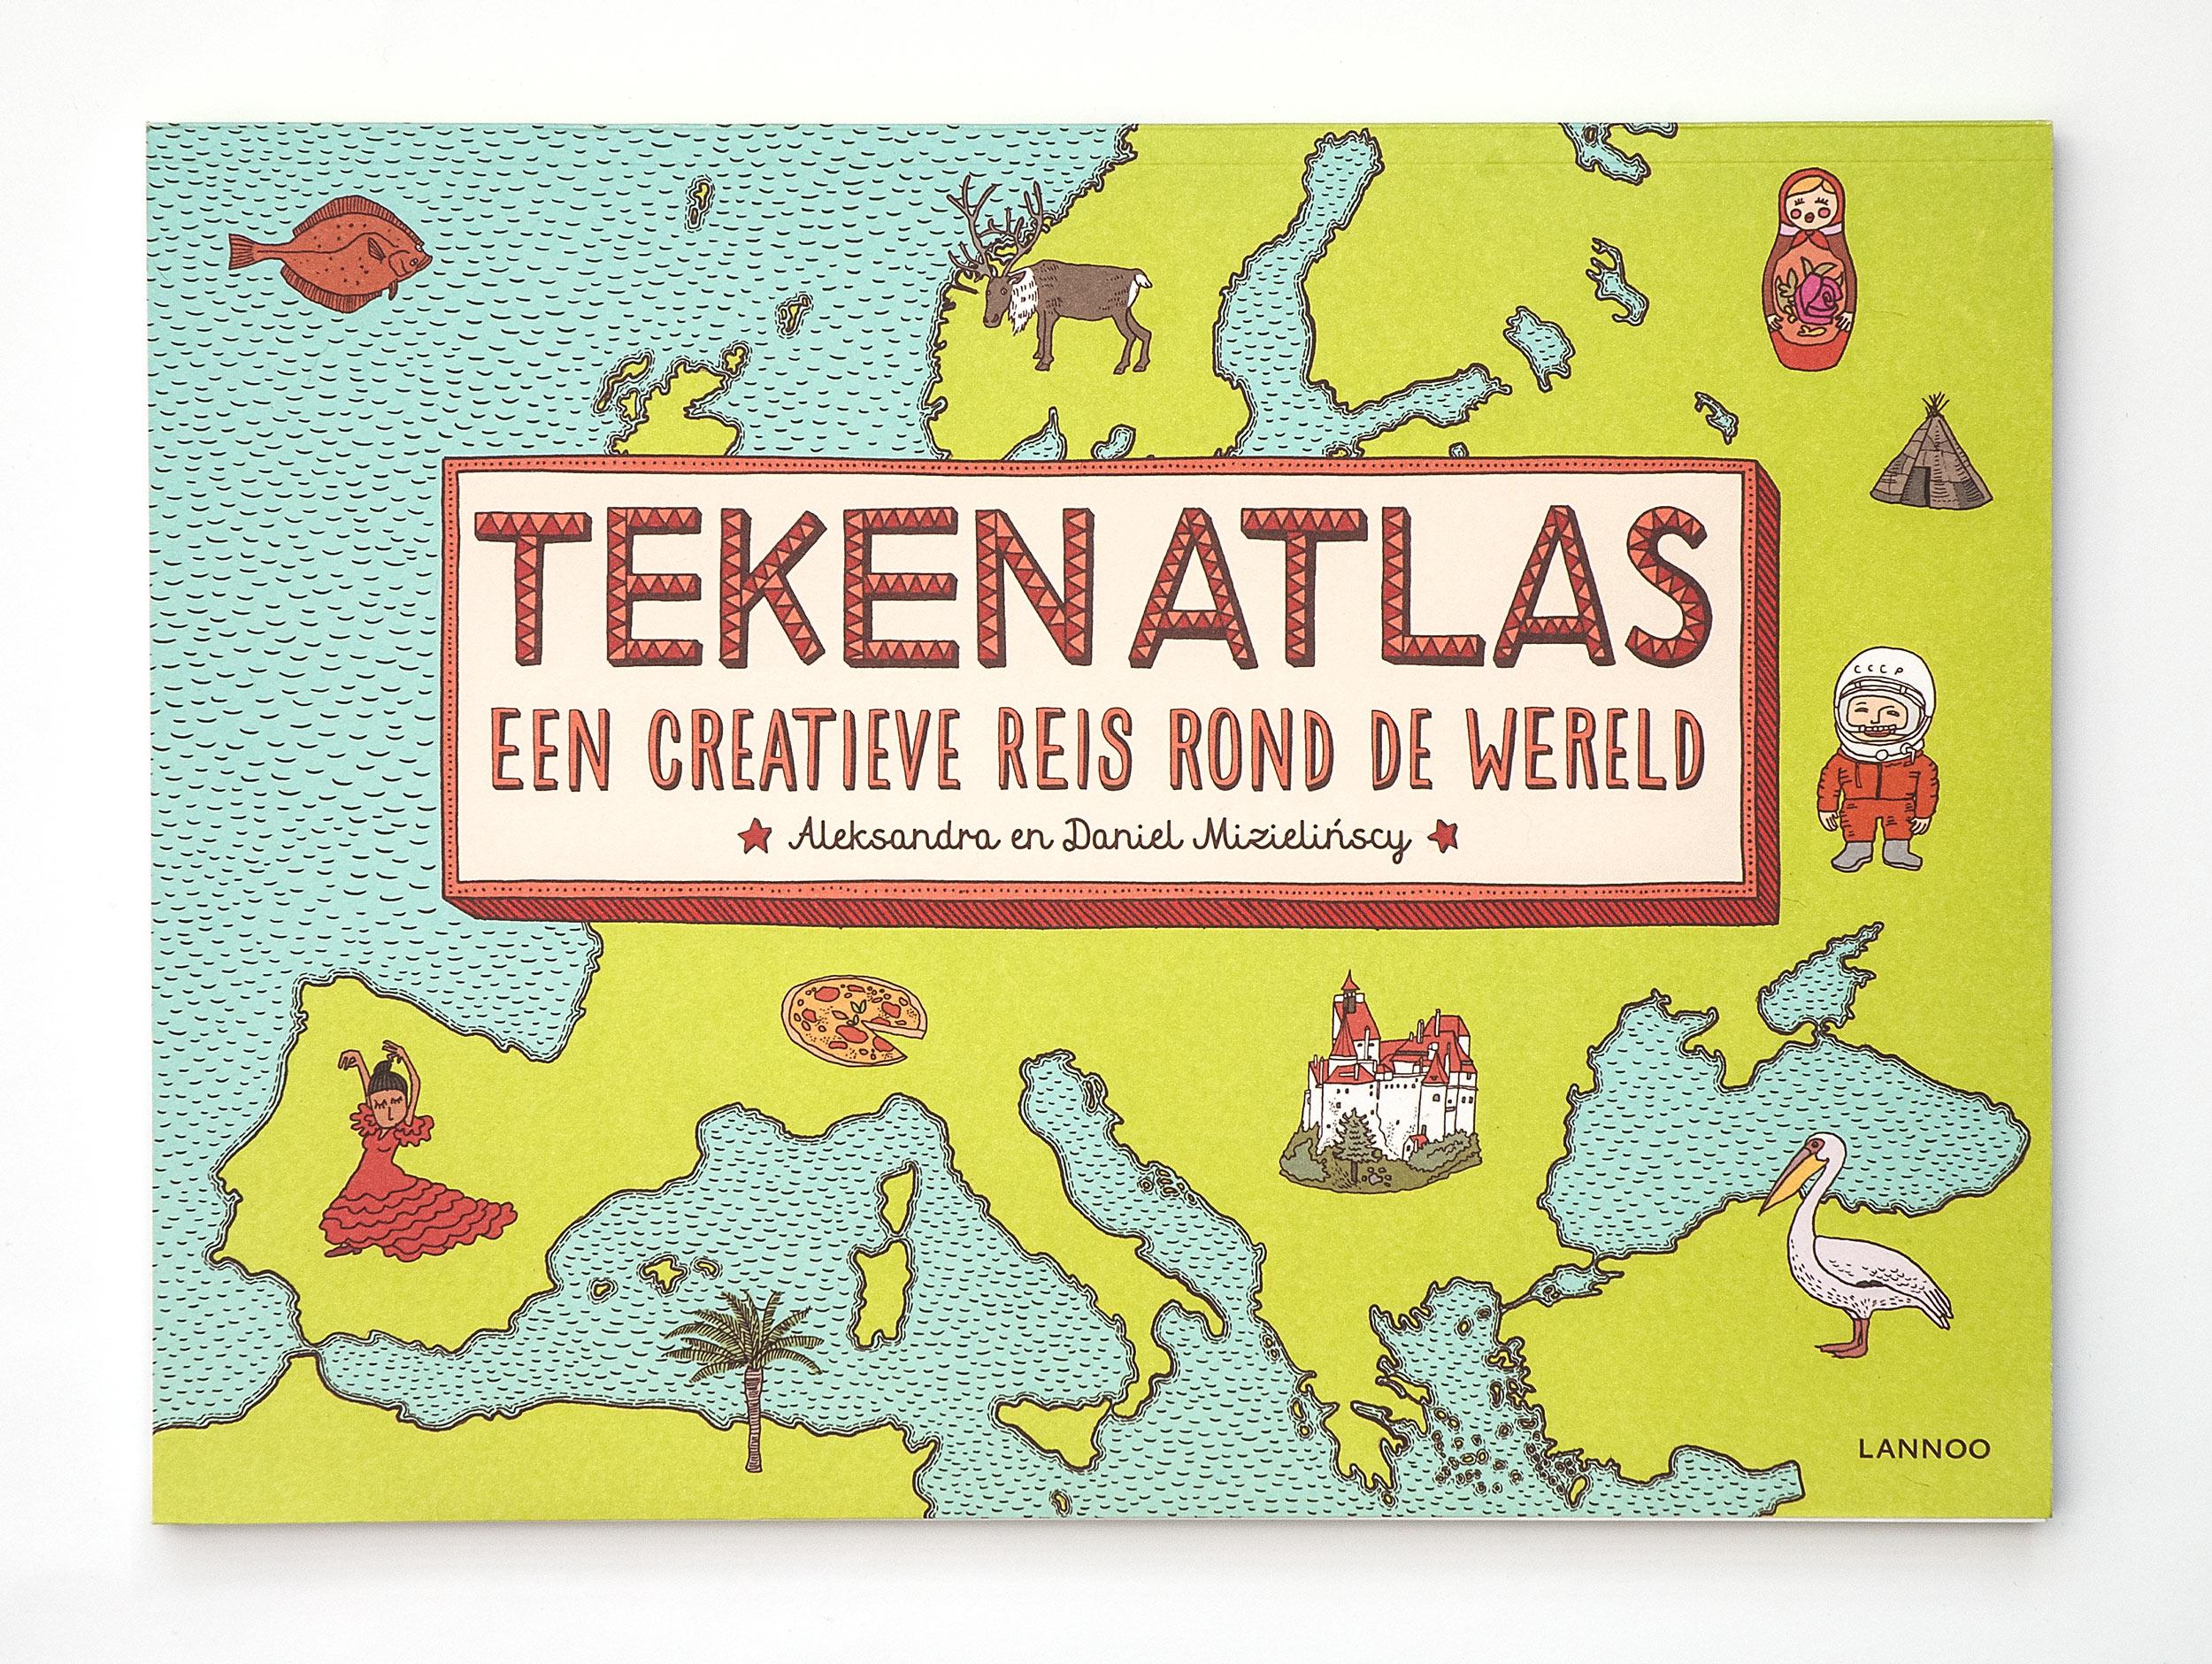 Tekenatlas, een creatieve reis rond de wereld